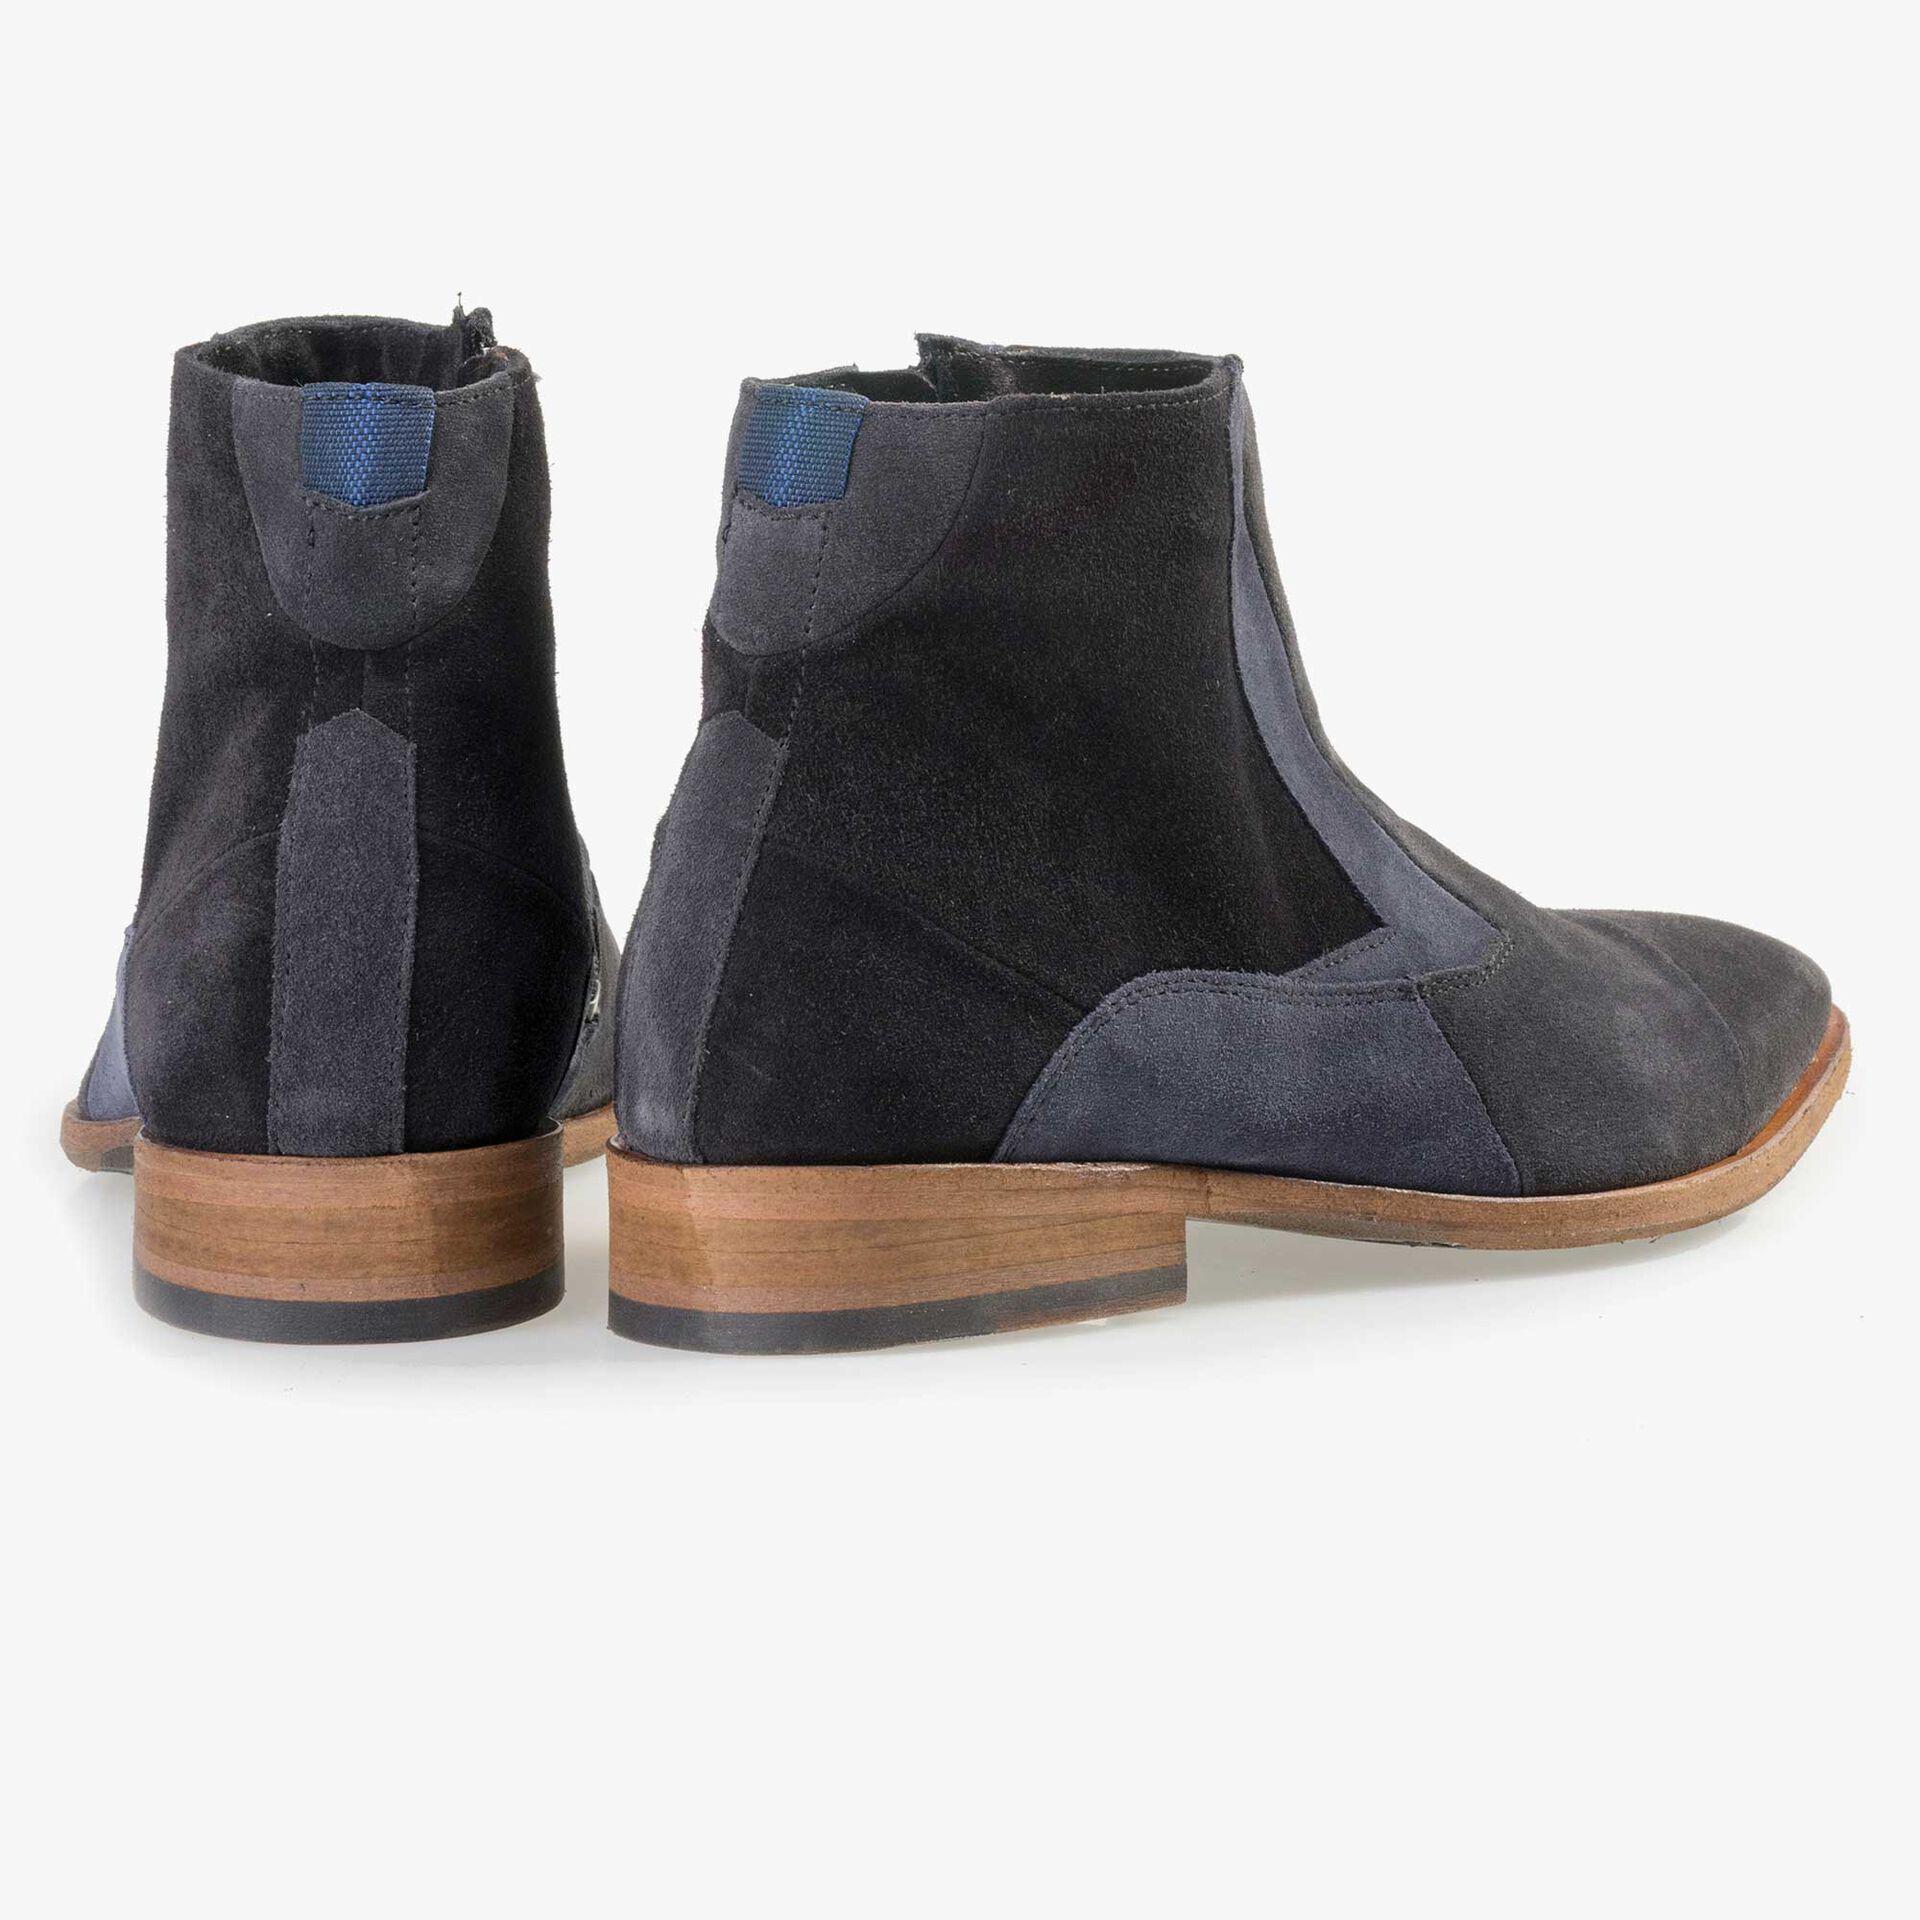 Floris van Bommel men's blue suede leather patchwork Chelsea boot